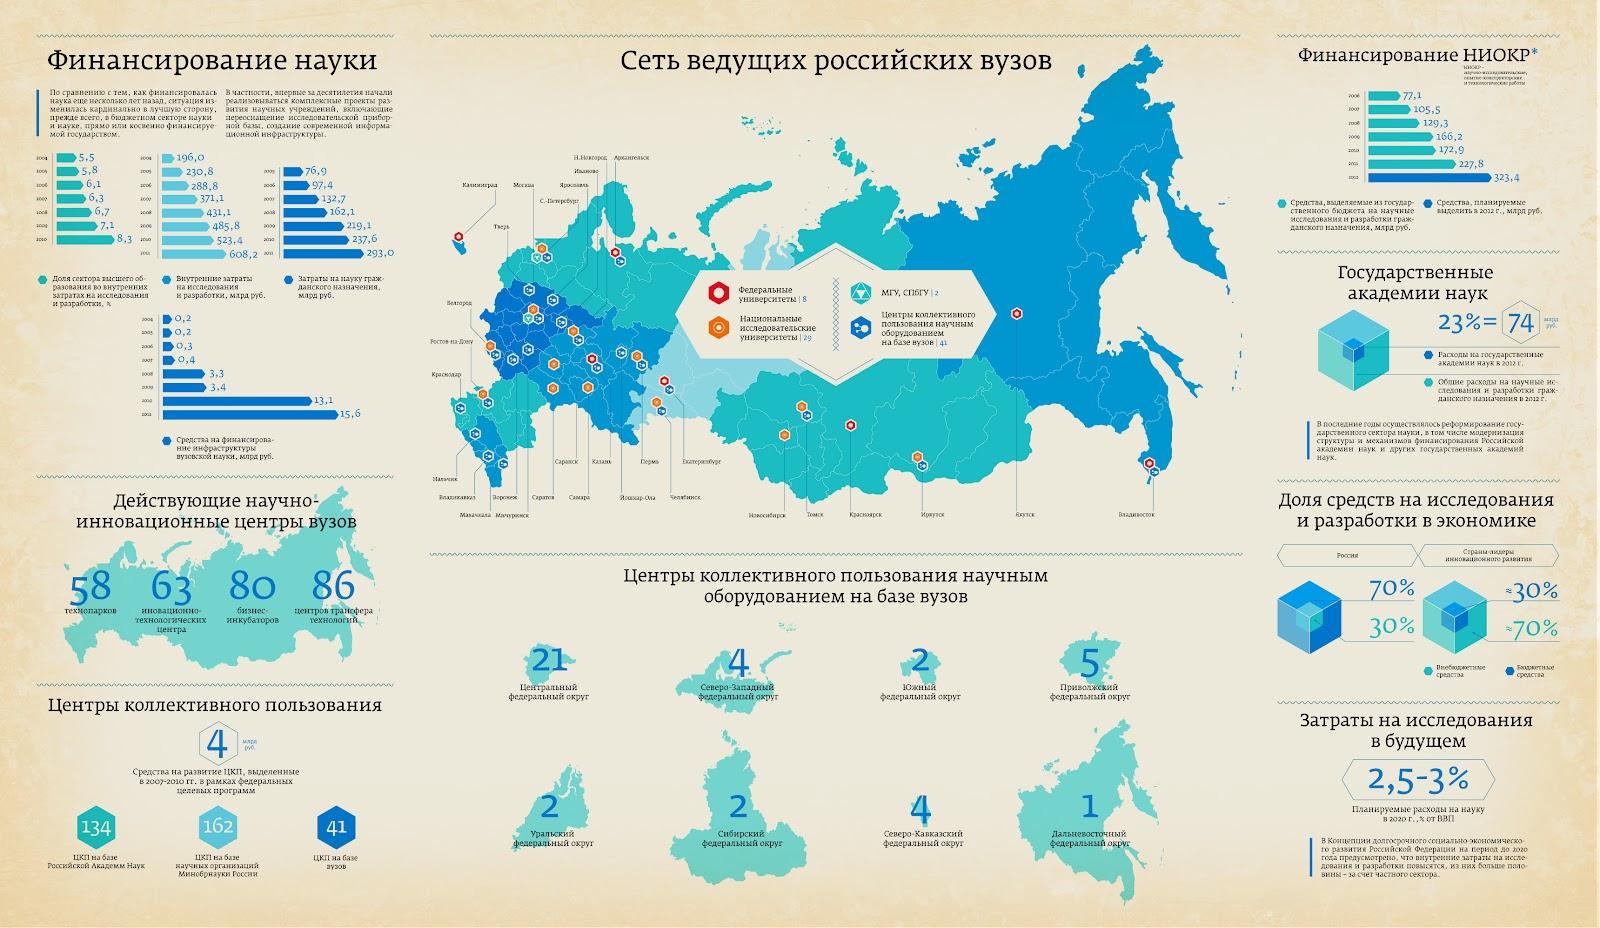 Инфографика в виде карты российских вузов